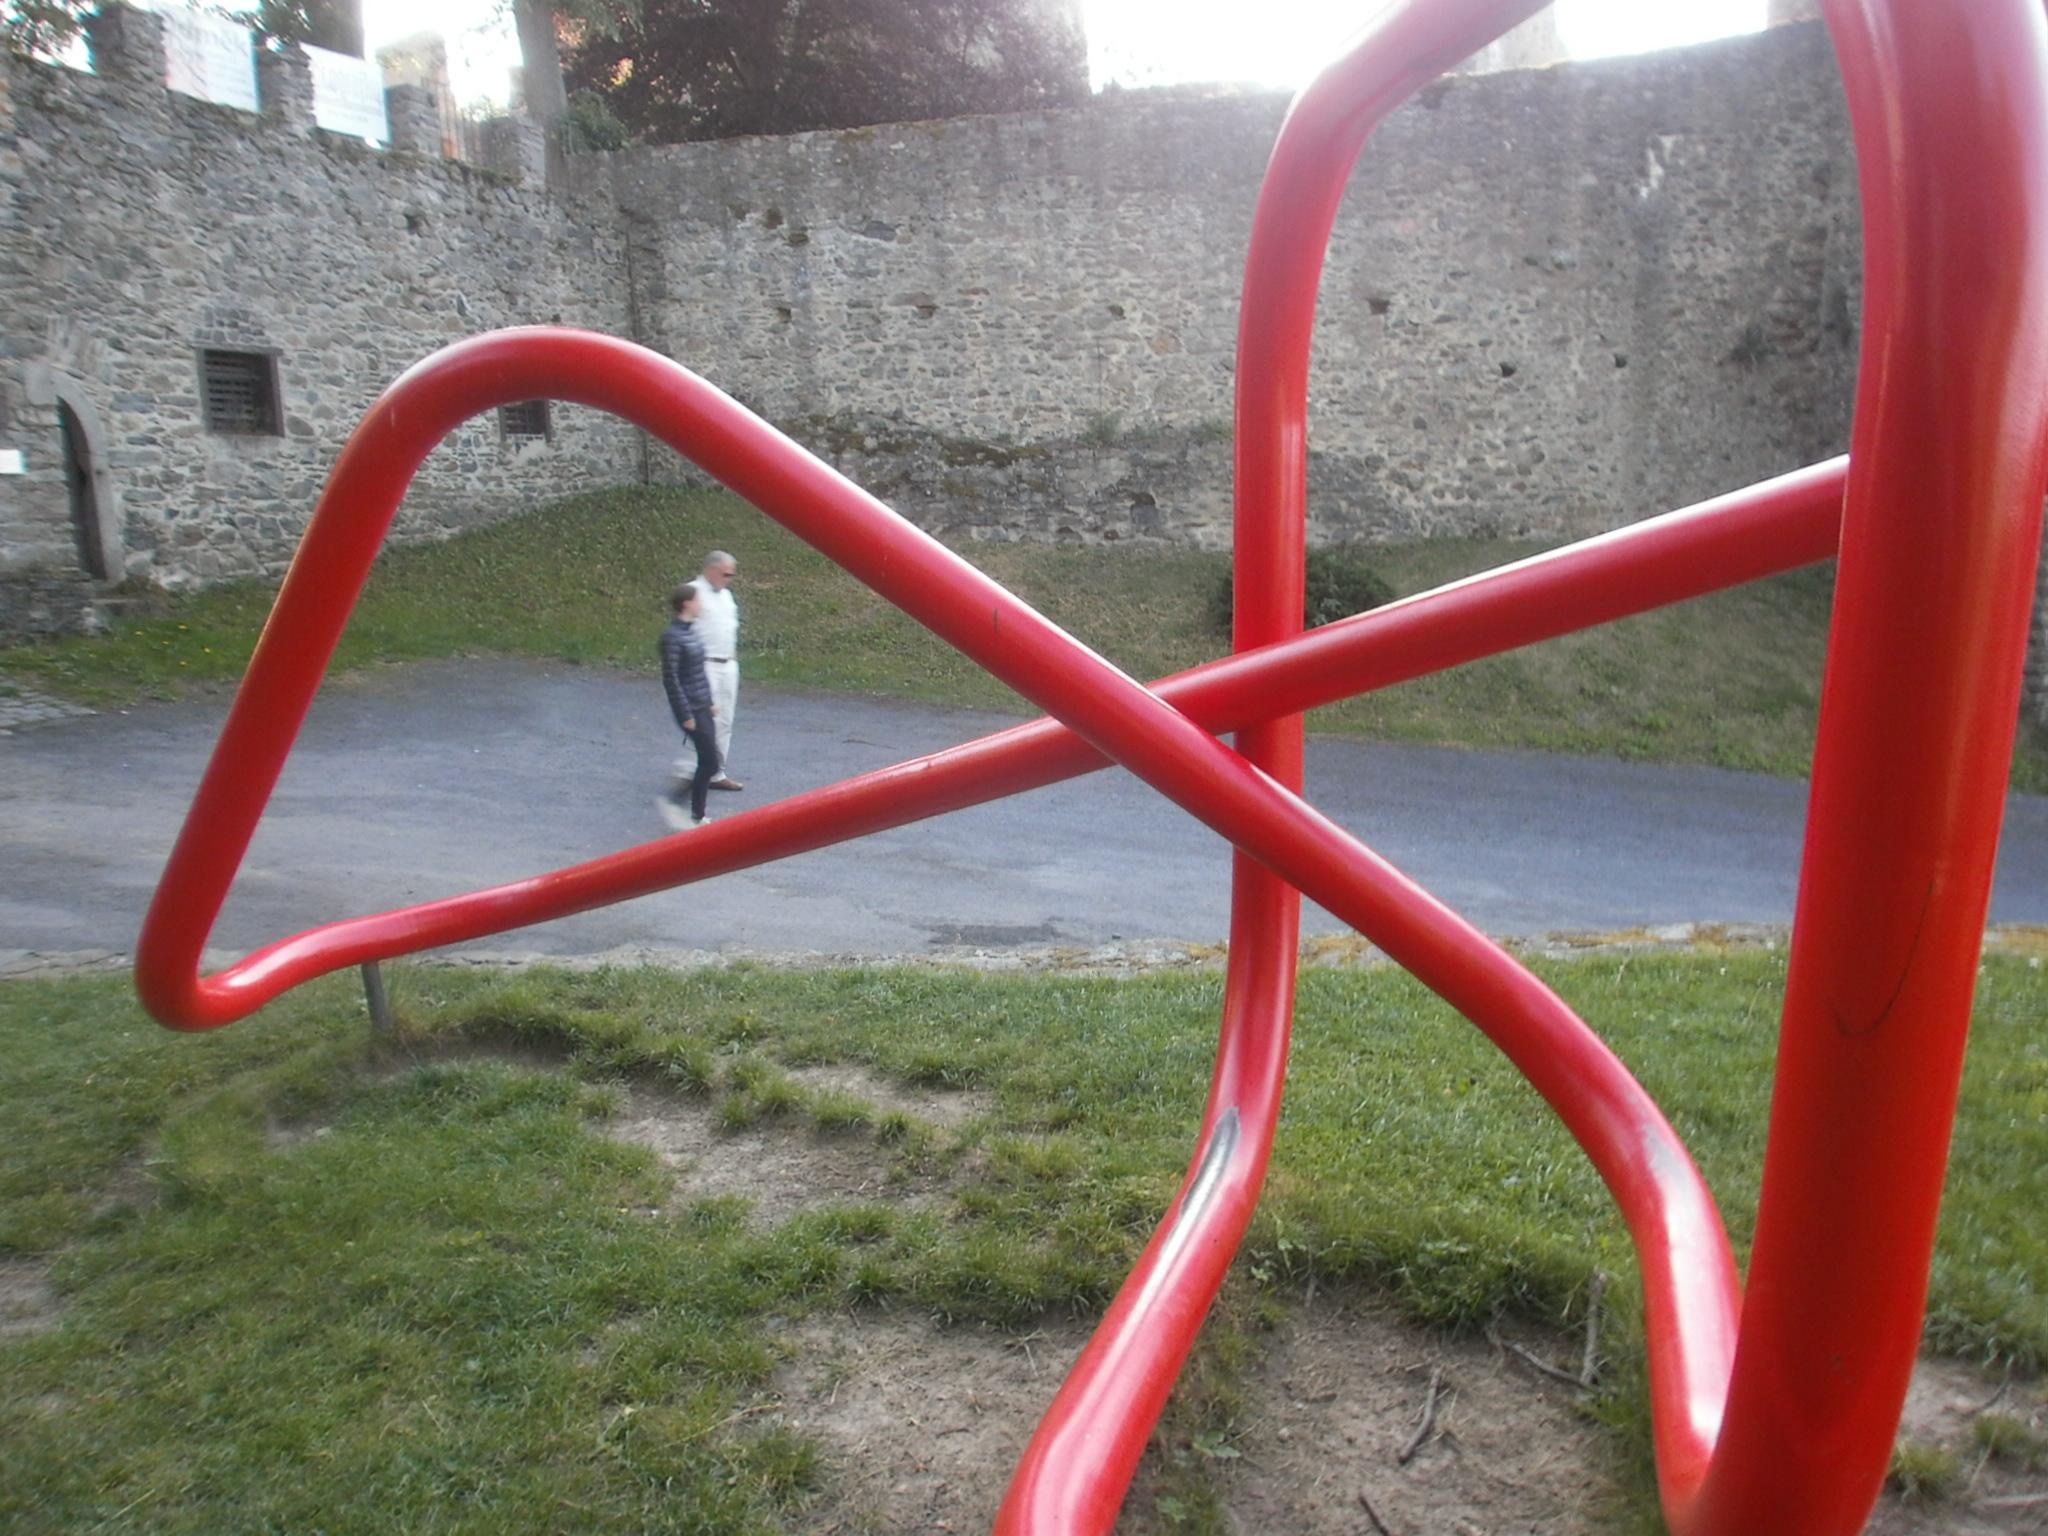 """Das """"Feuer-Kunstwerk"""" des Klattauer Bildhauers Vaclav Fiala - Aussteller bei Ahoj 17 """"Glaube und Kunst"""" - ist ein echter Blickfang in der historischen Burganlage."""